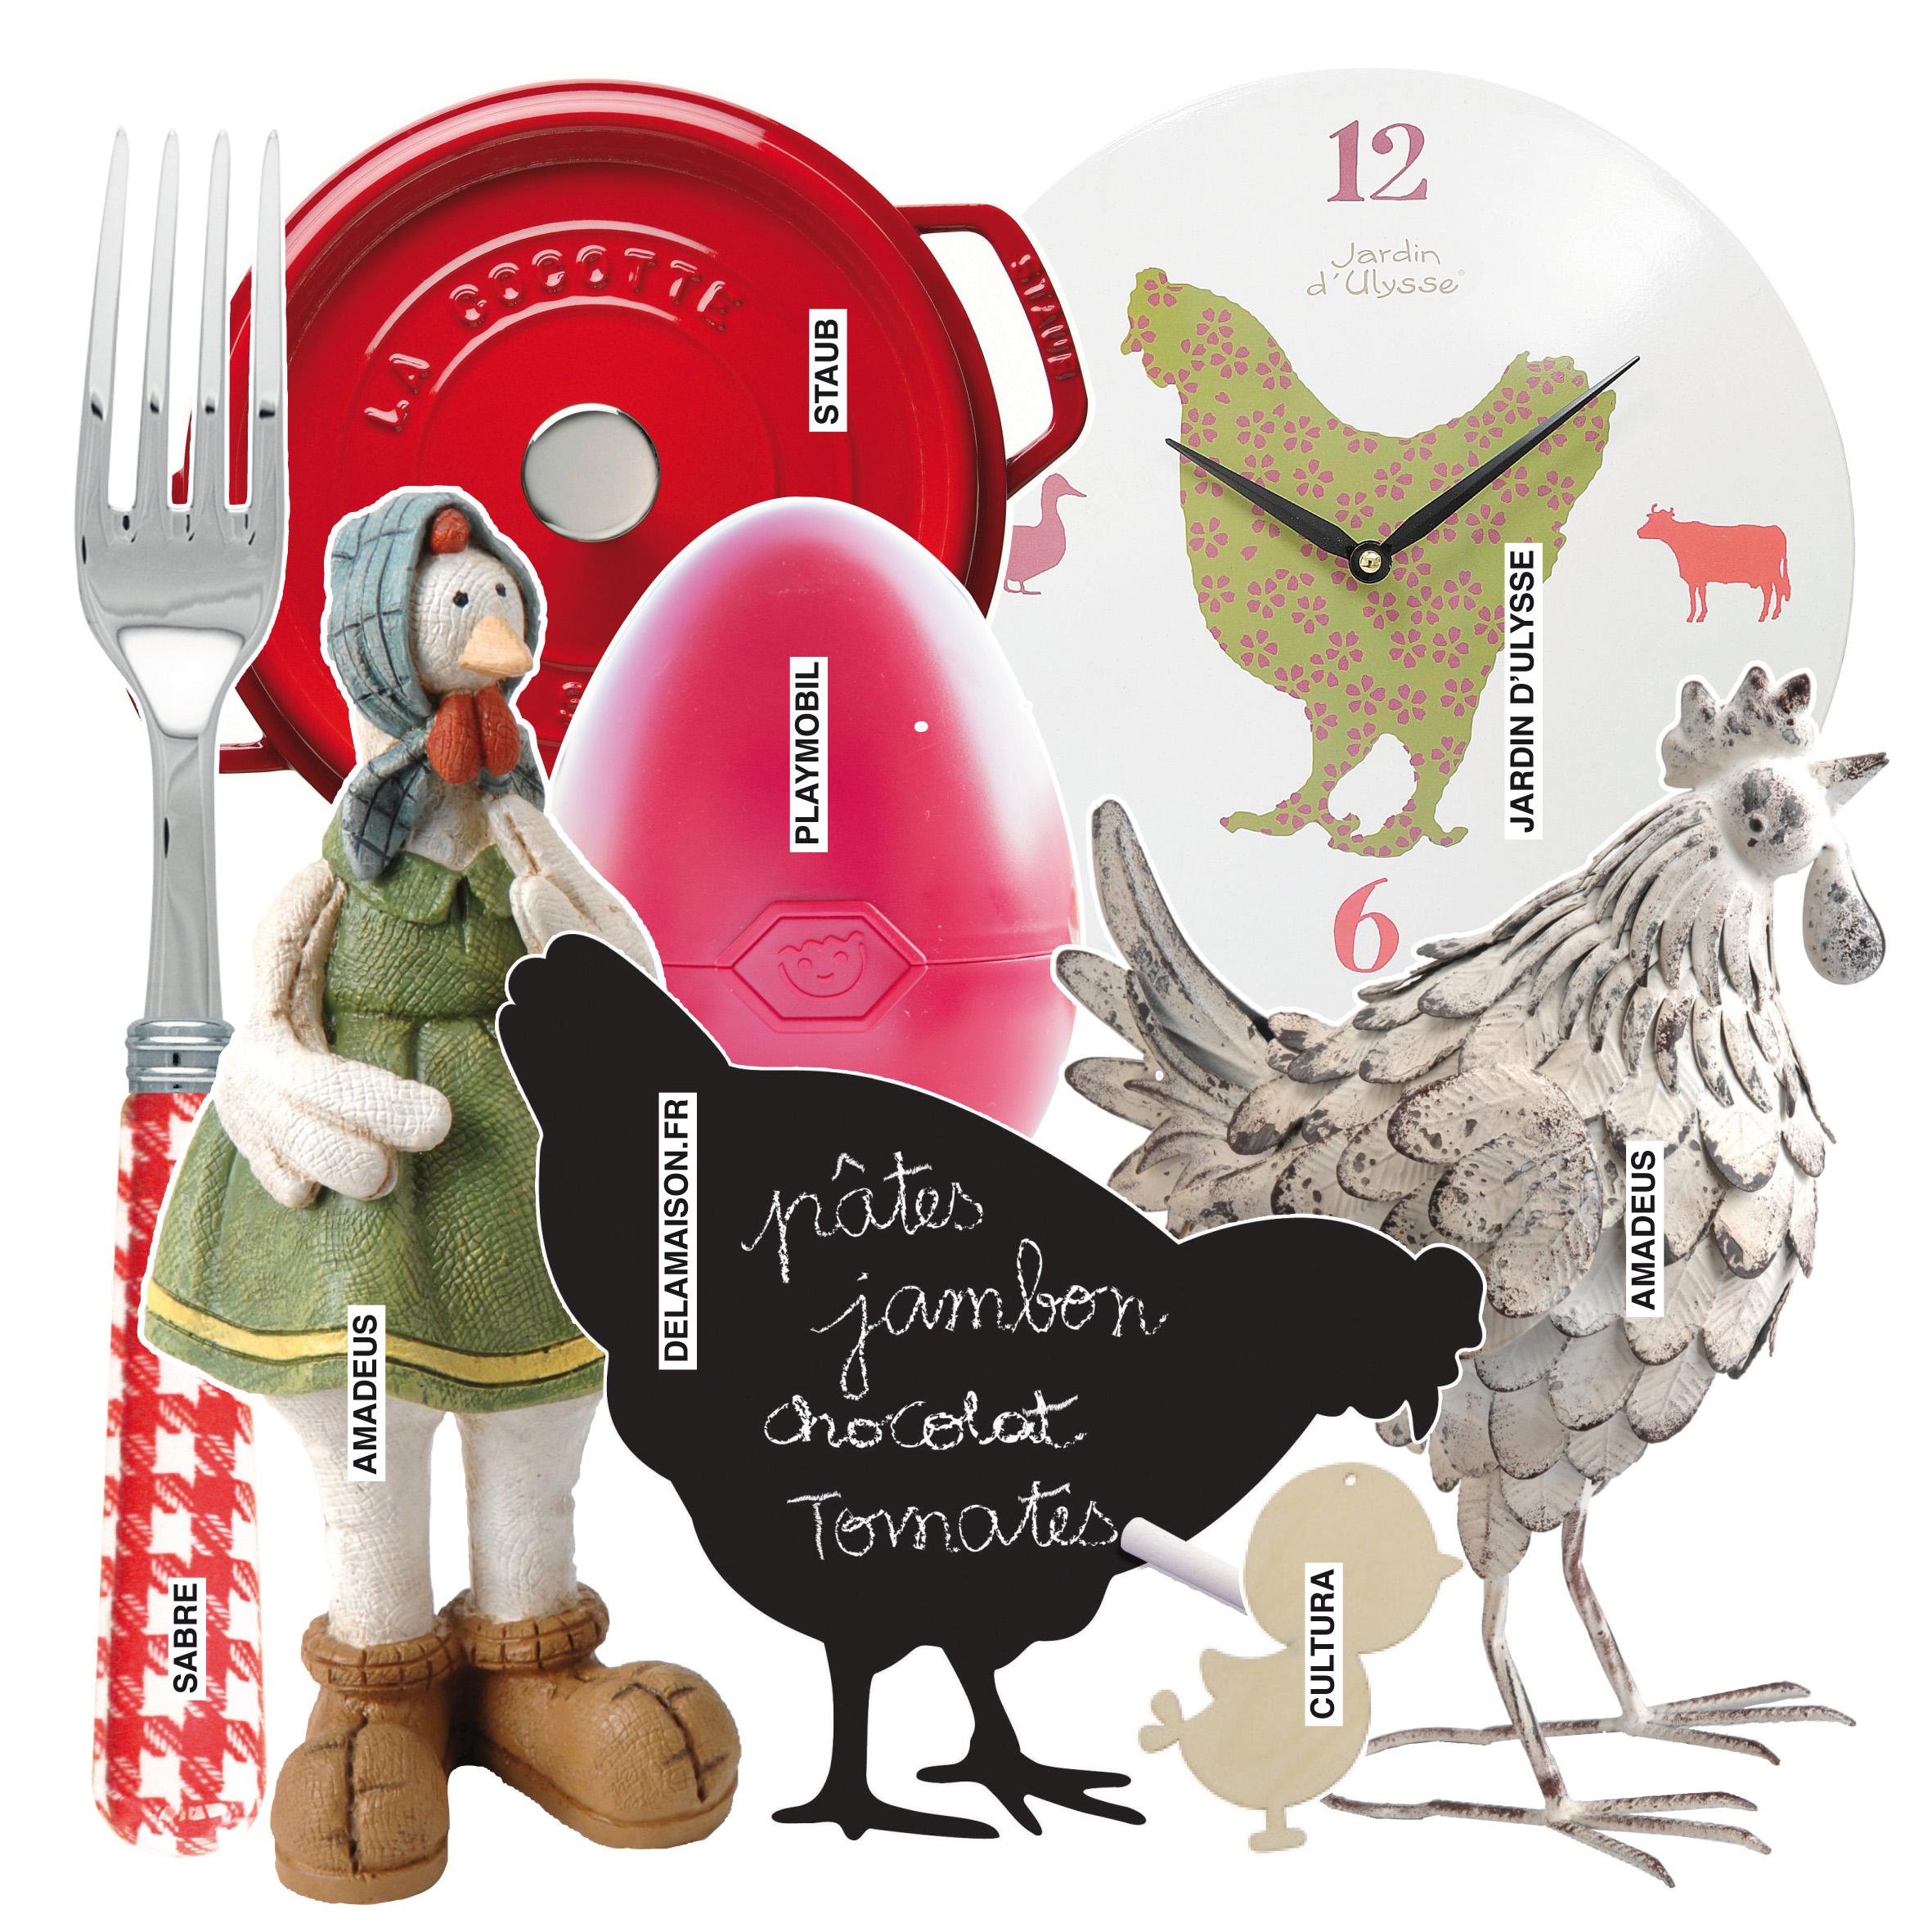 decoration_paques_oeuf_poule_cocotte_lapin-1